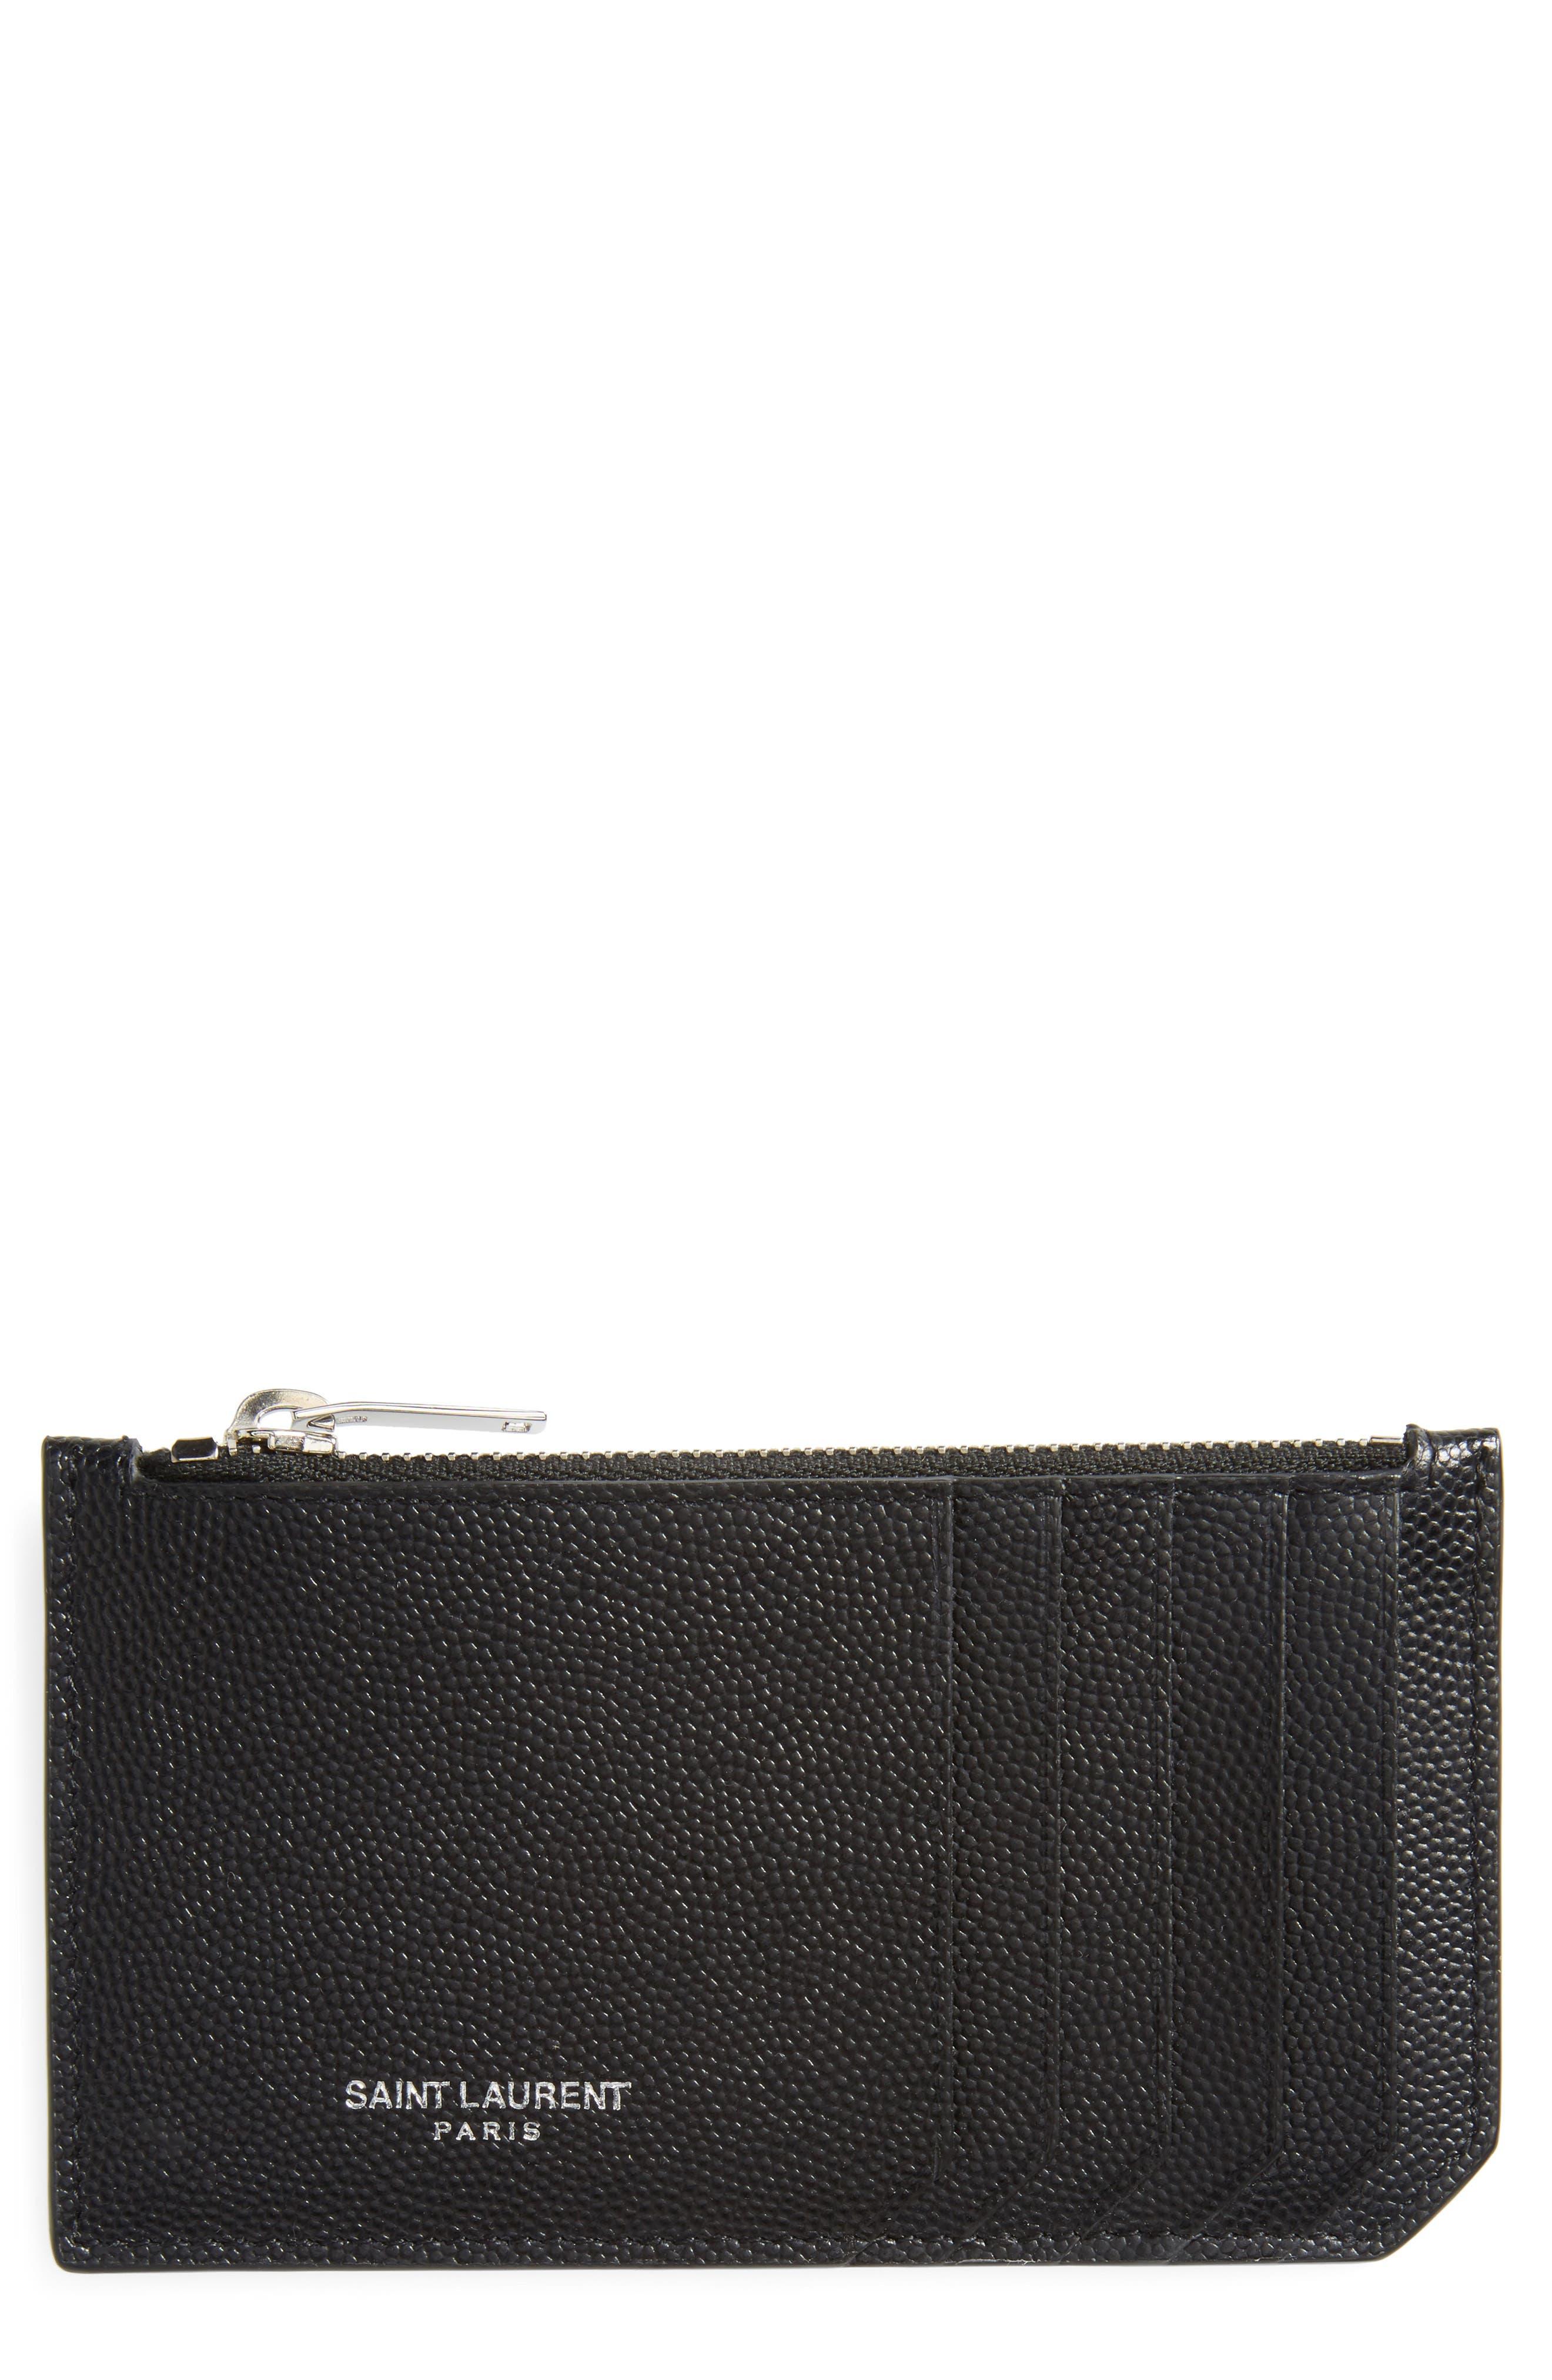 SAINT LAURENT Pebble Grain Leather Zip Wallet, Main, color, NERO